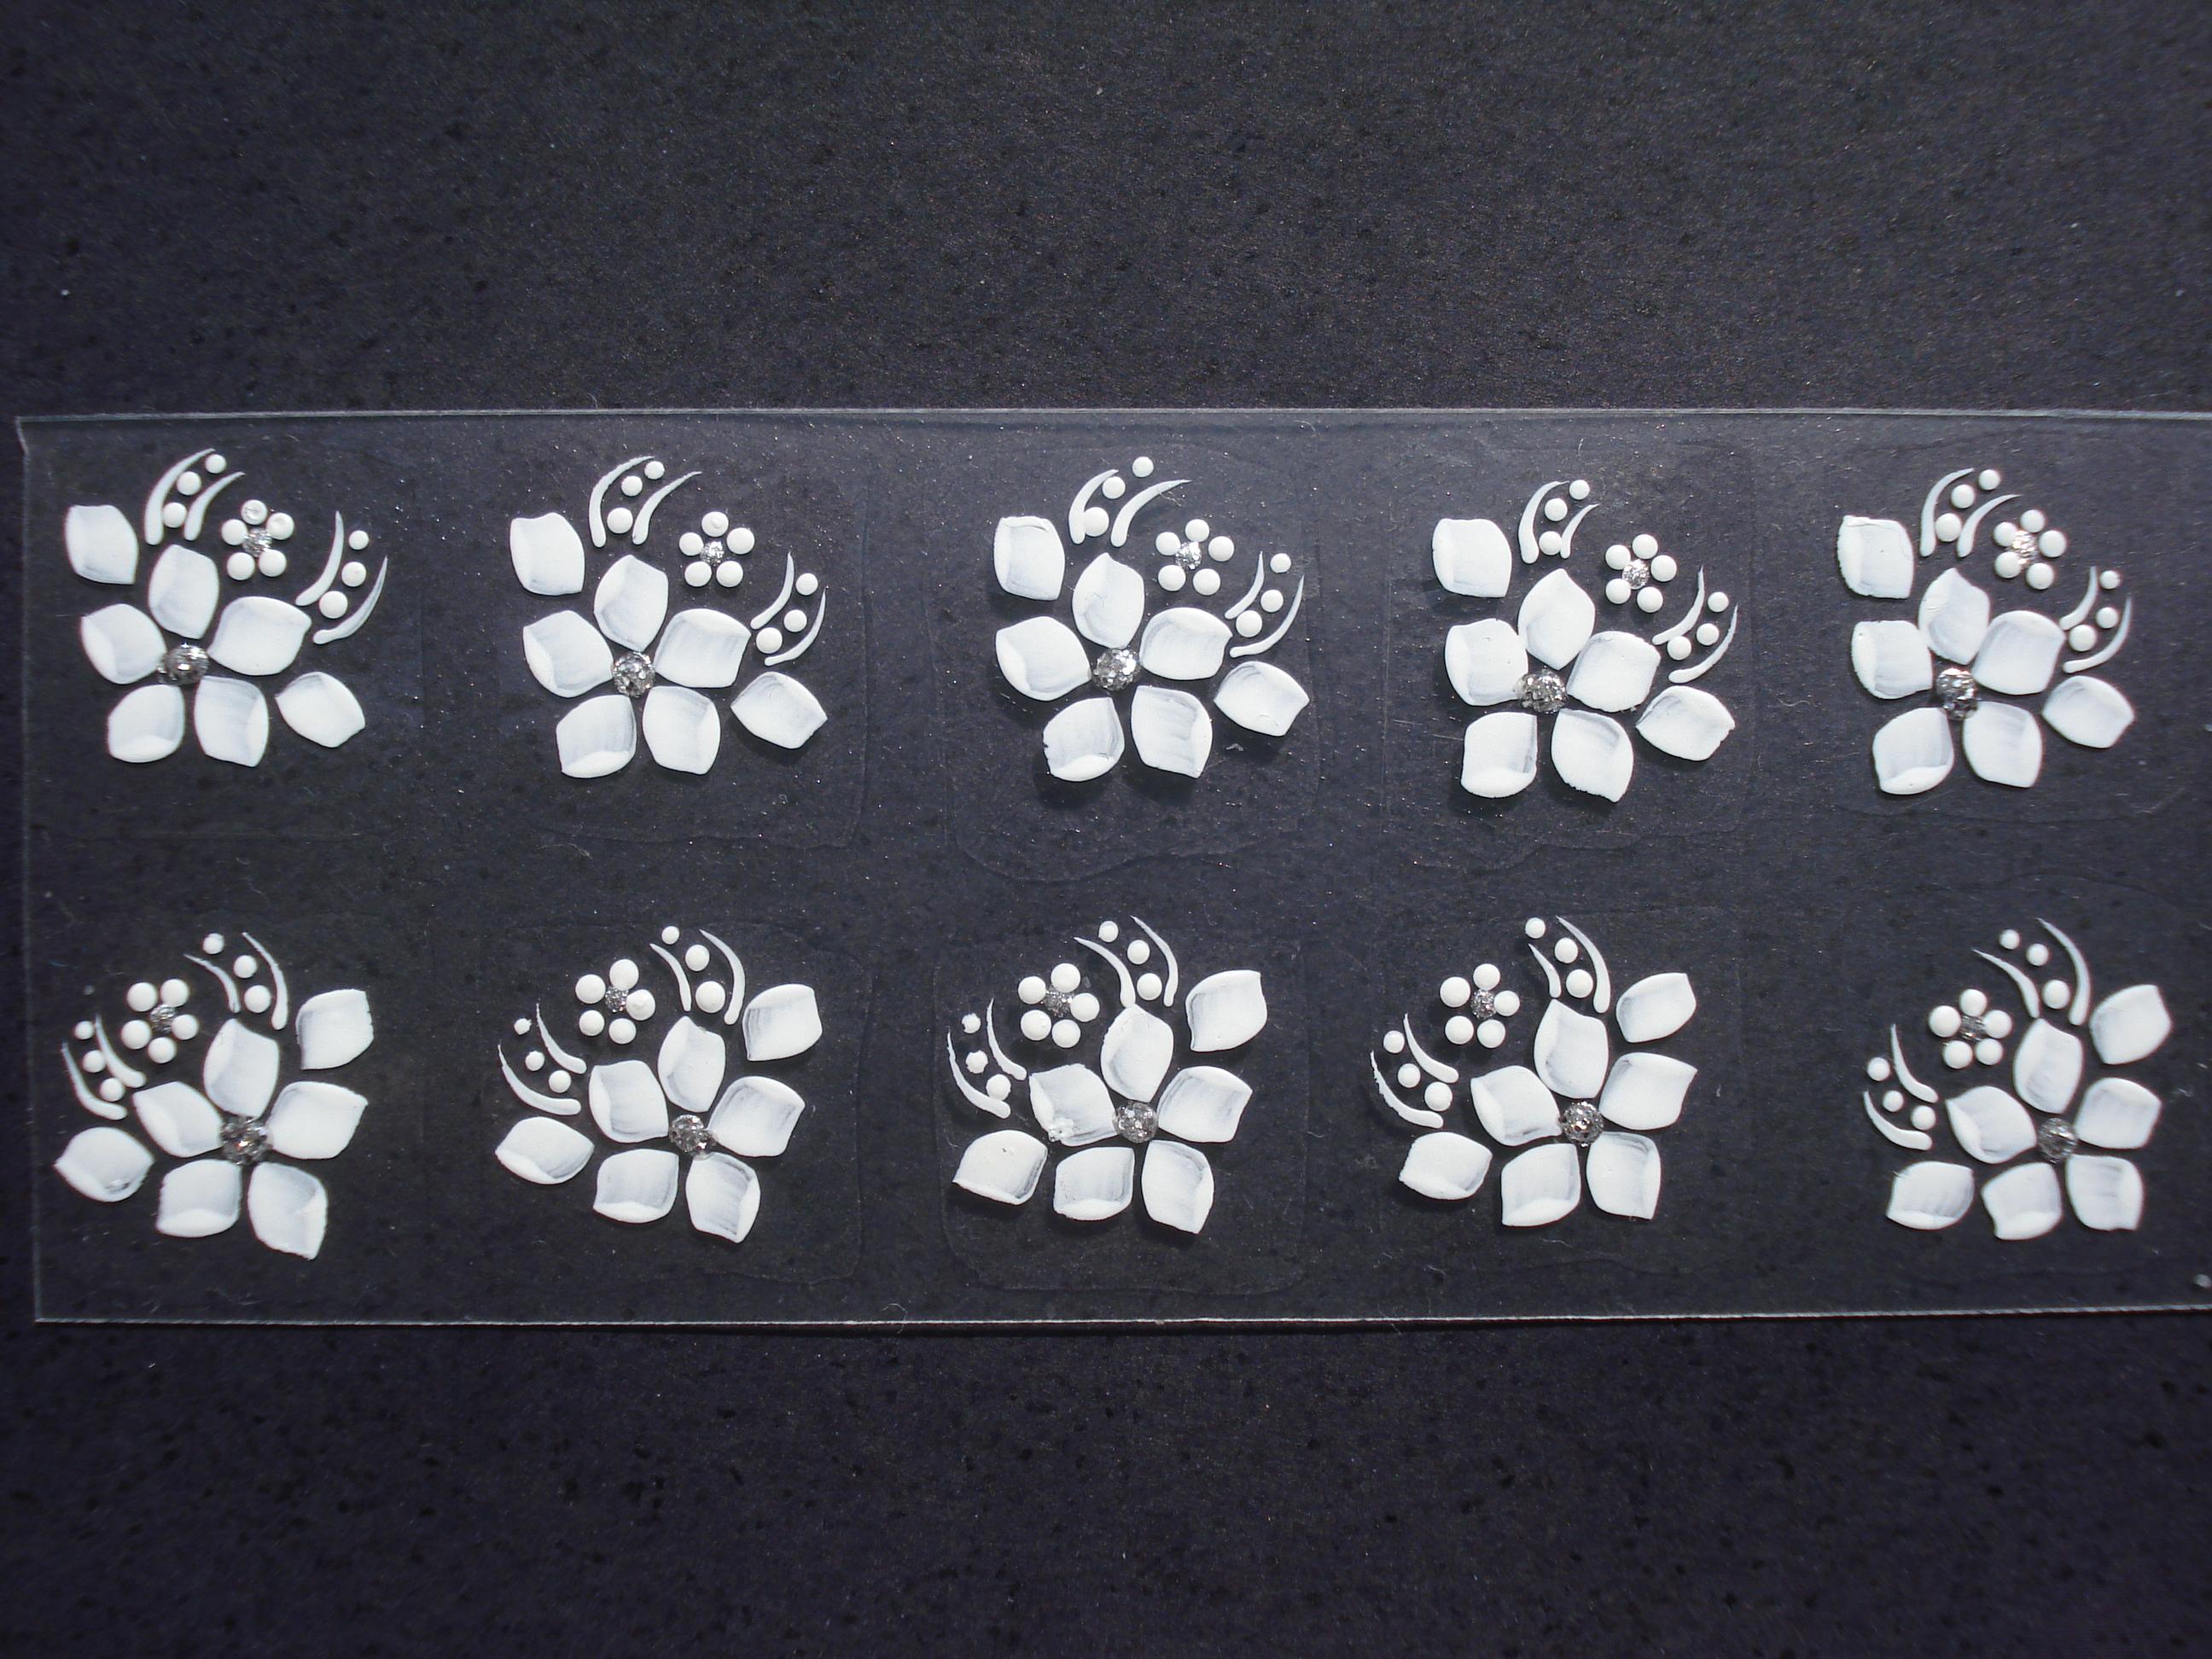 Armario Metal Com Chave ~ Adesivo Para Unhas Flor Aberta Z Artes Adesivos Artesanais Elo7